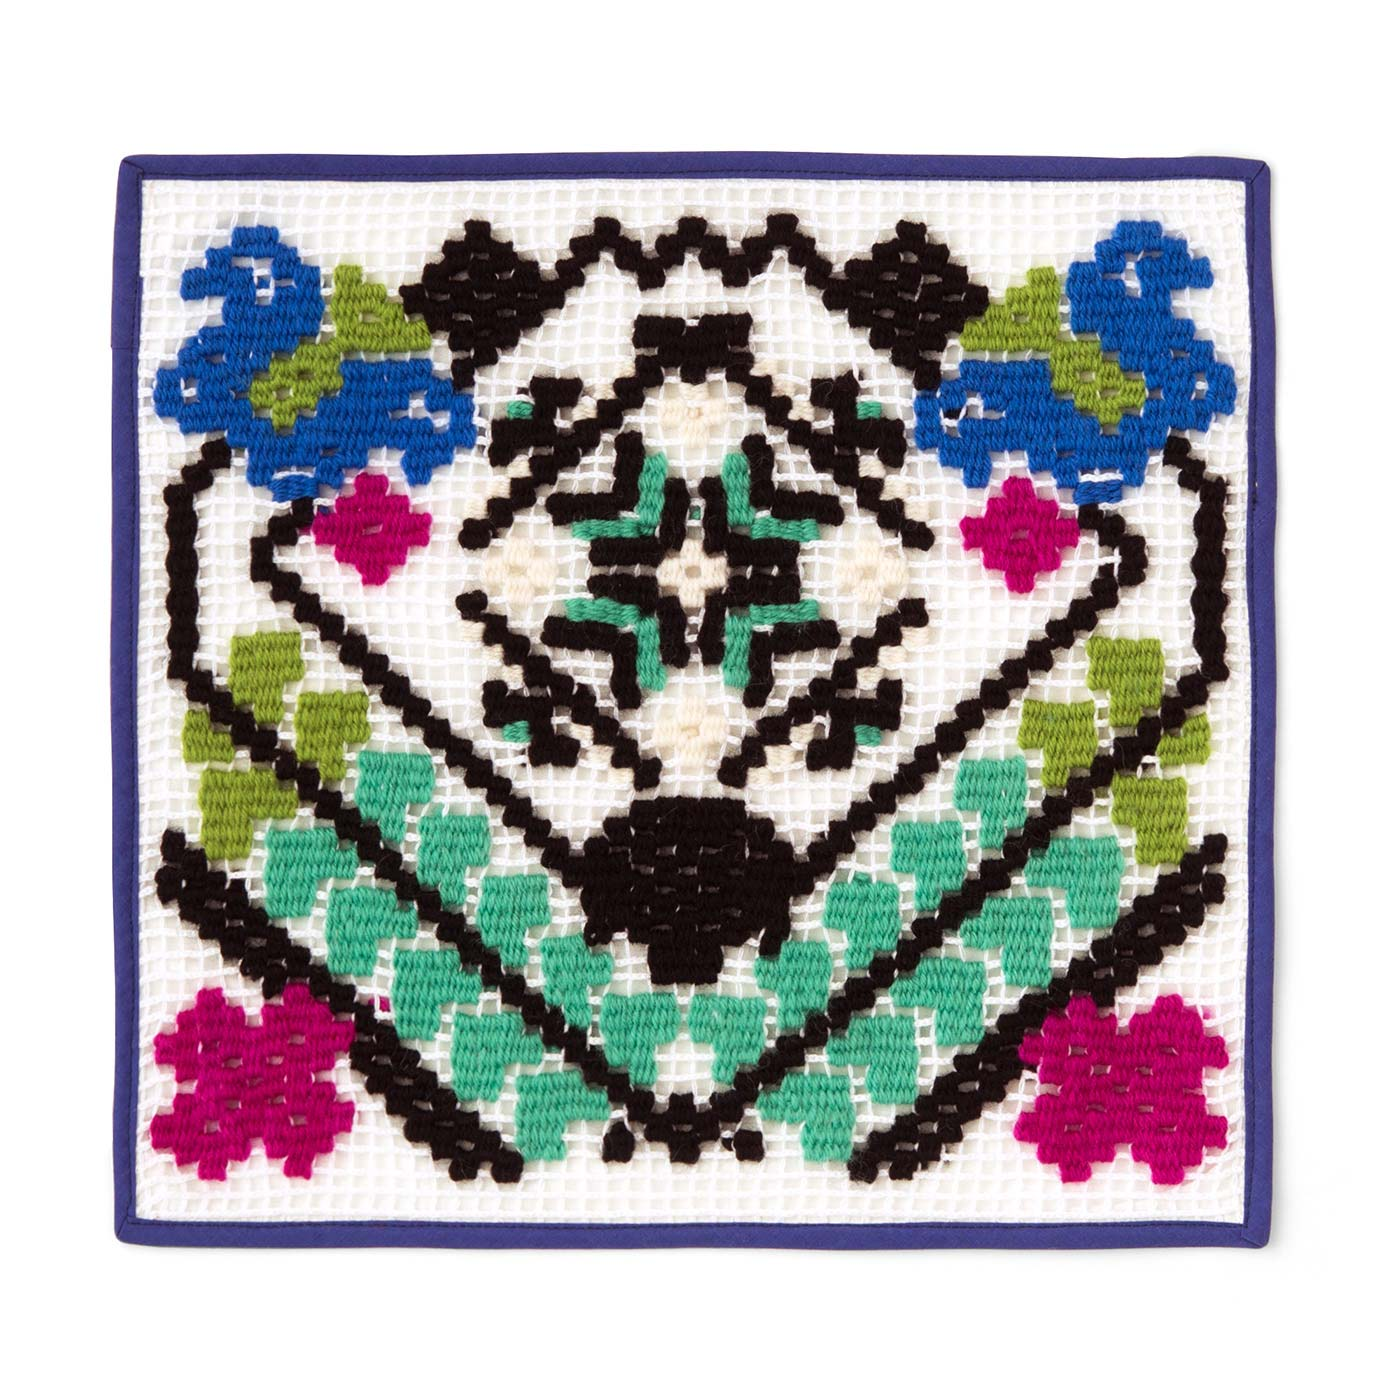 チューリップリースの紋章風カバークロス 縦約29.5cm、横約31cm